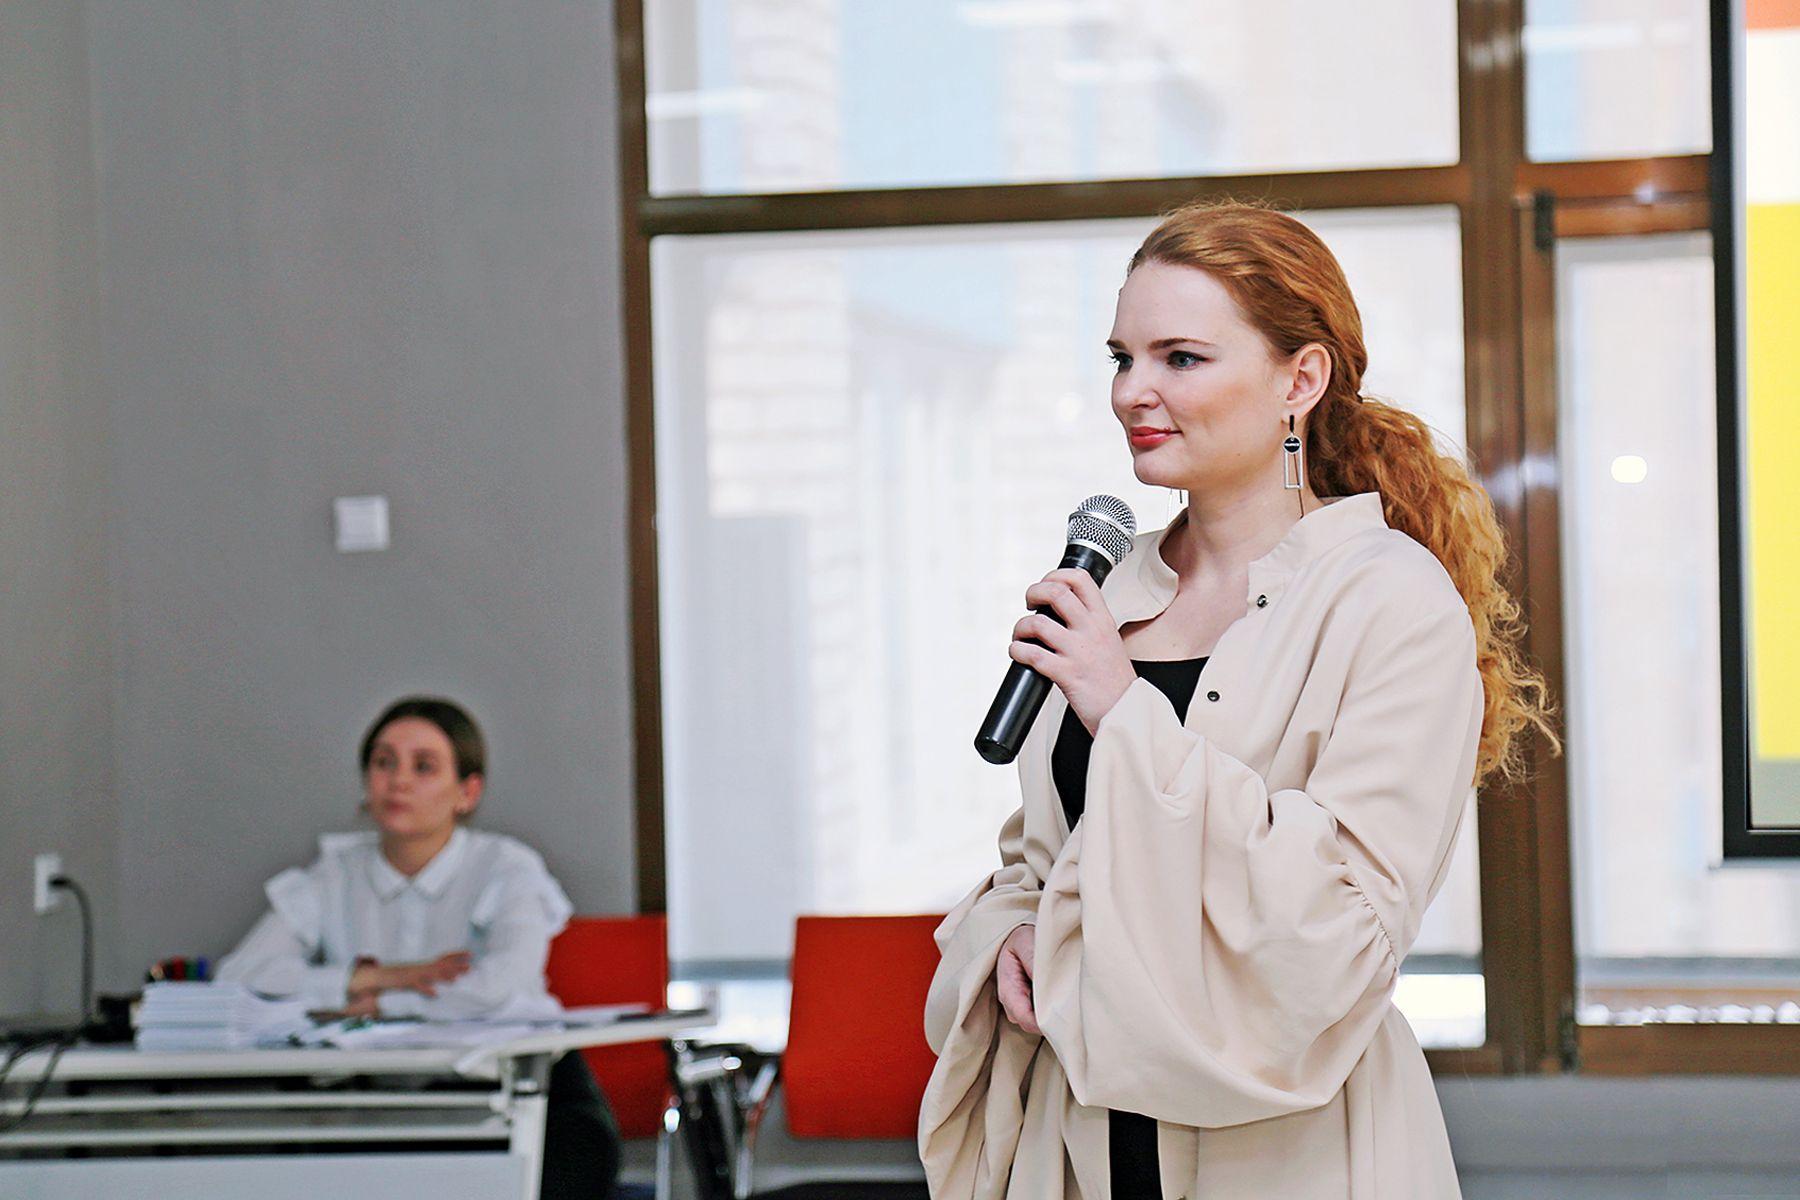 Стажировка мечты в международной компании: во ВГУЭС прошла встреча с 2ГИС